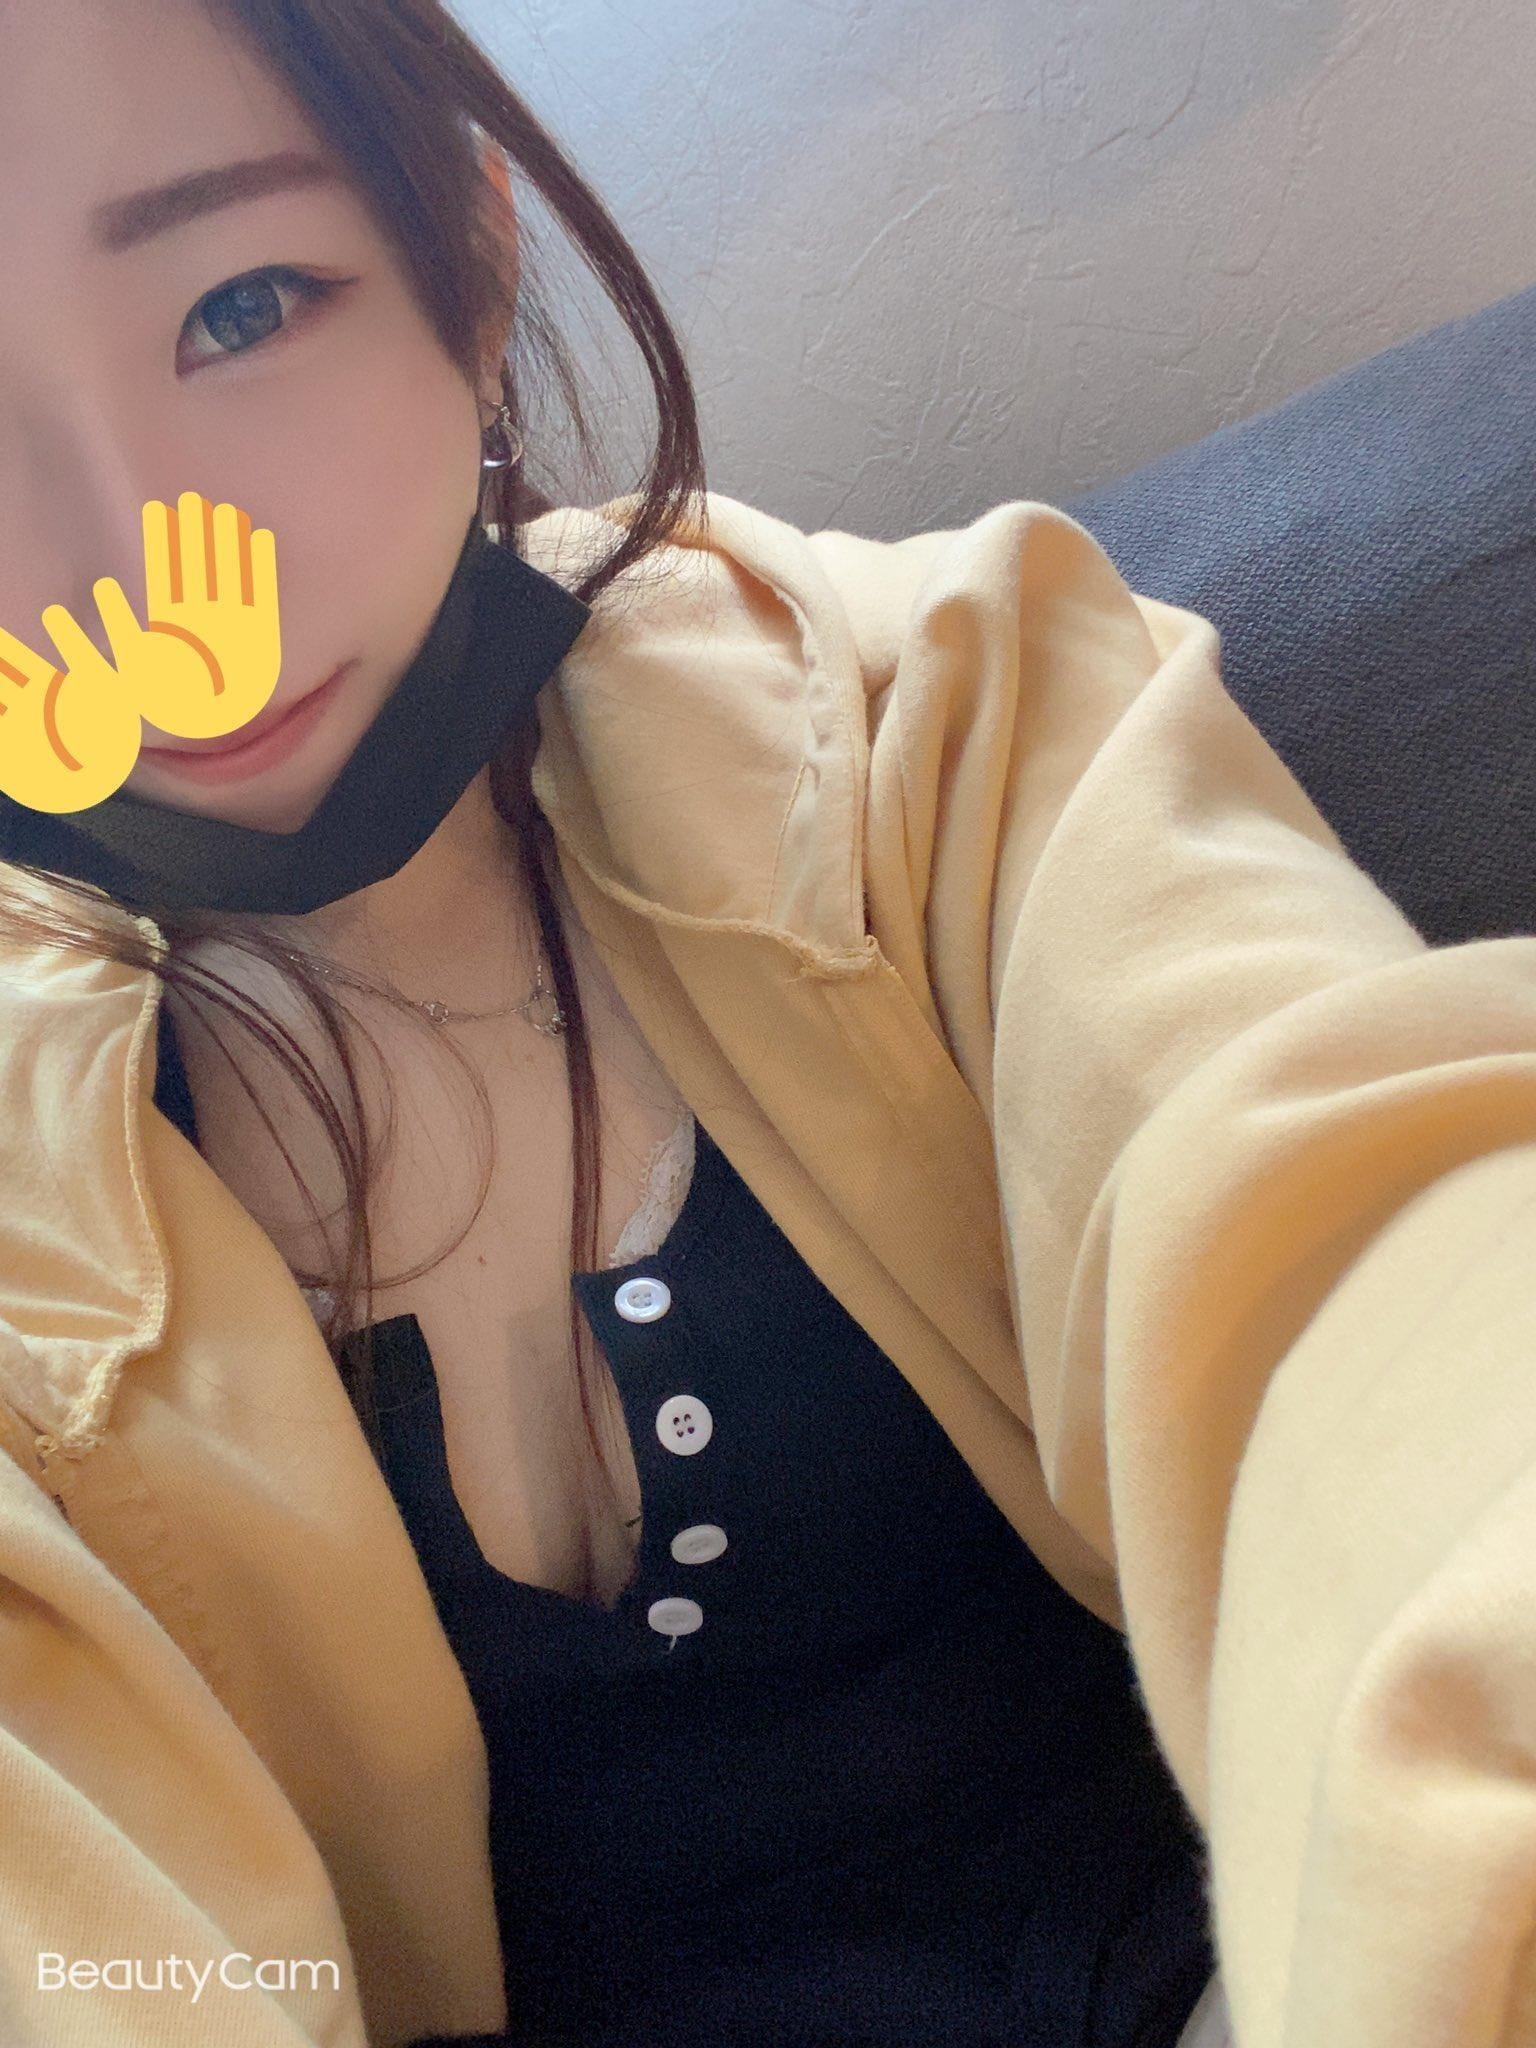 「おはようございます☀️」10/20(水) 09:00   みあの写メ日記